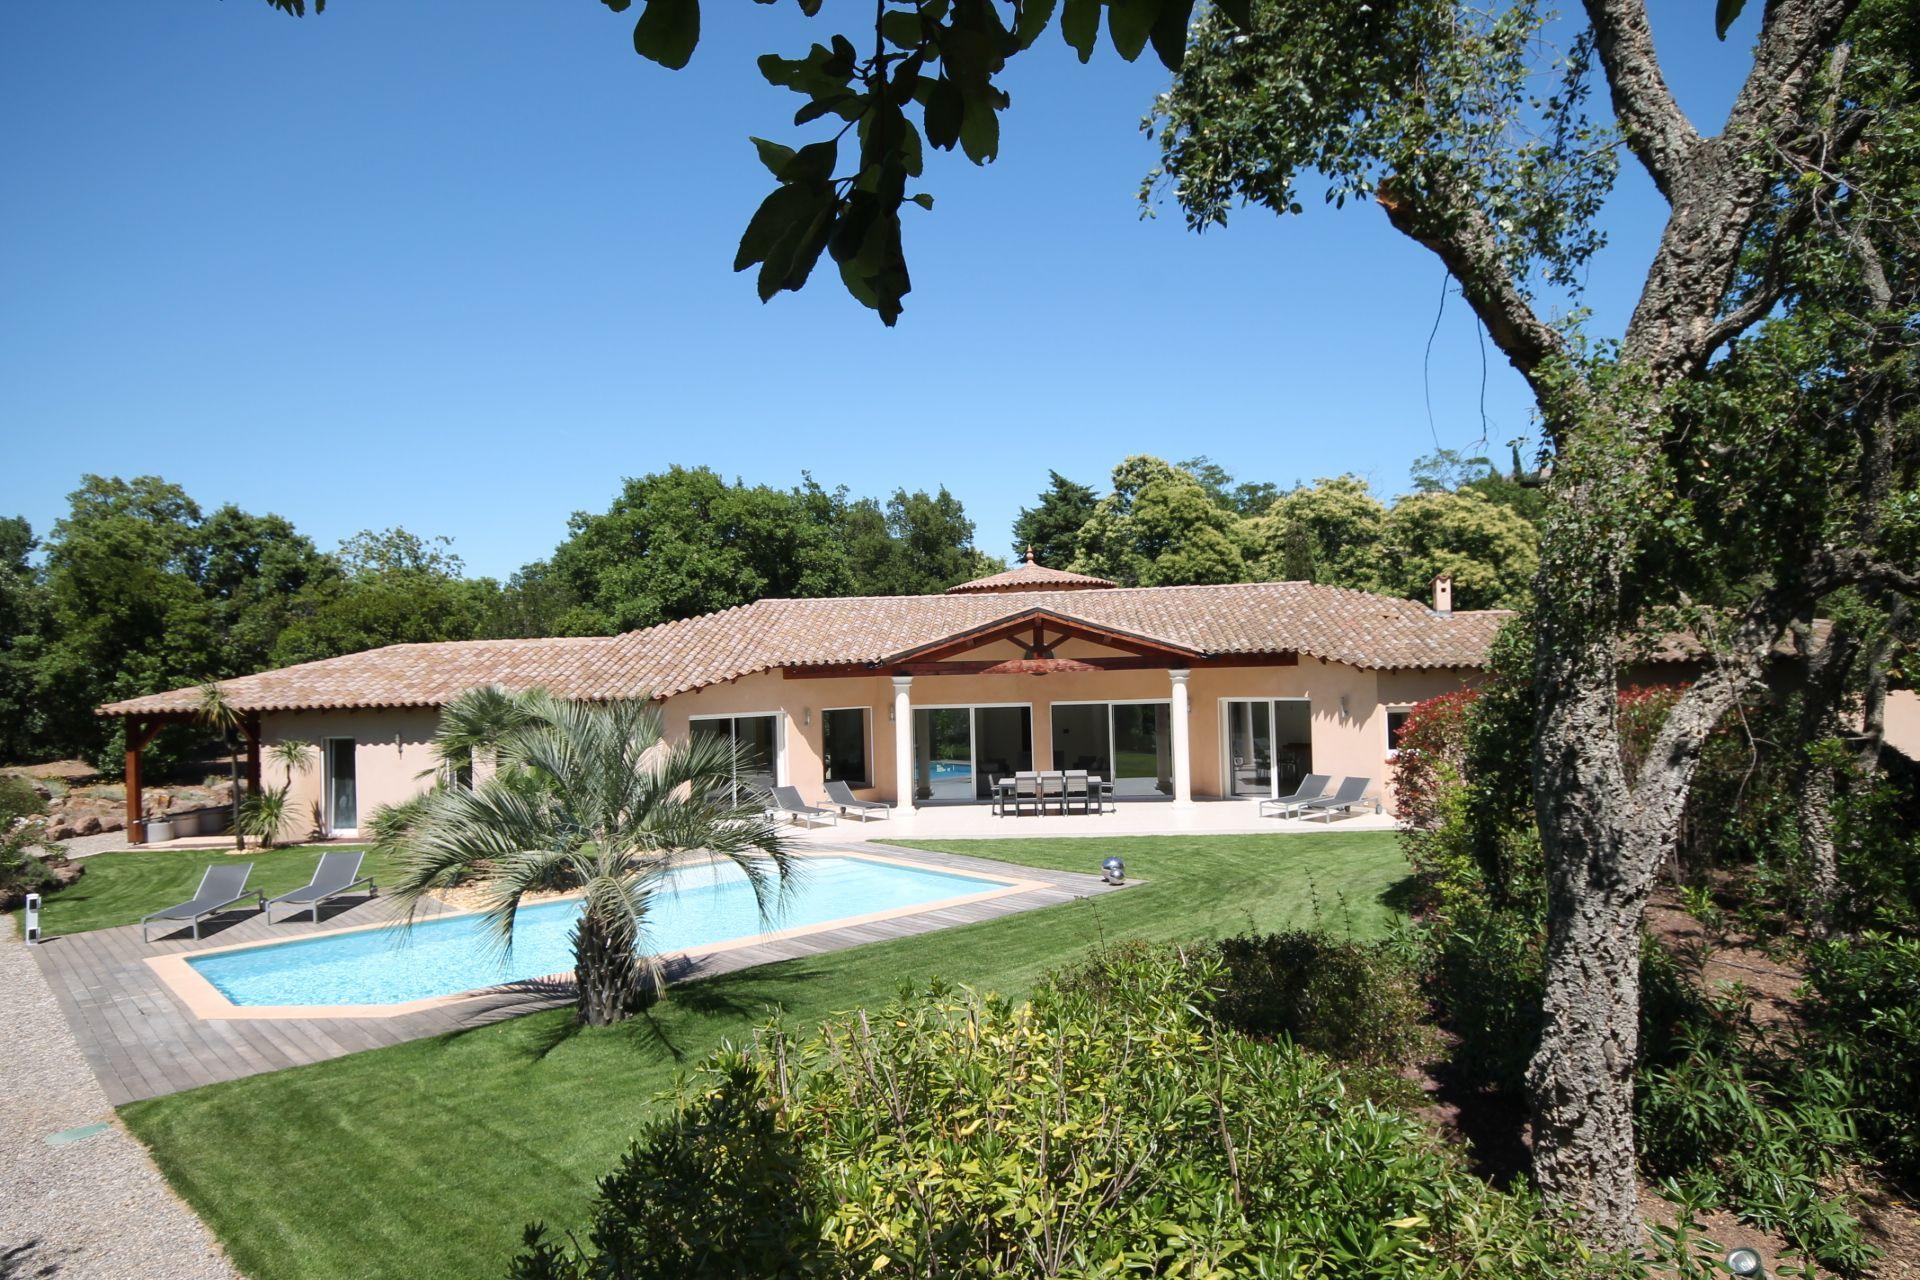 """Location Vacances! Belle villa au cœur du """"Parc Résidentiel de l'Estérel"""", de 2 à 8 personnes. Piscine chauffée avec plage immergée pour les plus jeunes. Domaine clos et verdoyant de 1 hectare.  #LocationsVacances #MediaVacances #Villa #PACA #PiscineChauffée #GrandParc"""